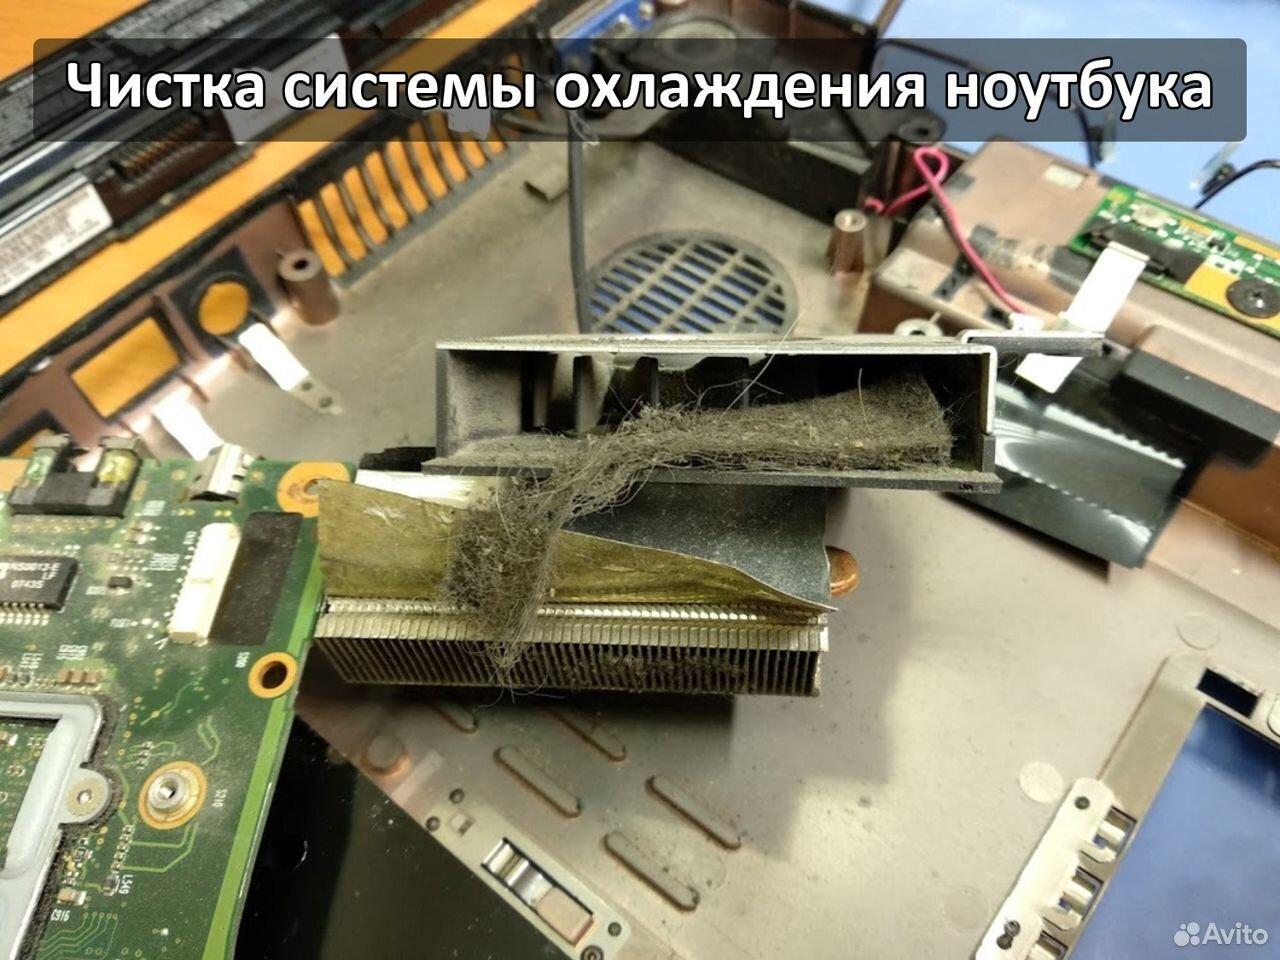 Ремонт Компьютеров. Установка Windows  89650358034 купить 3